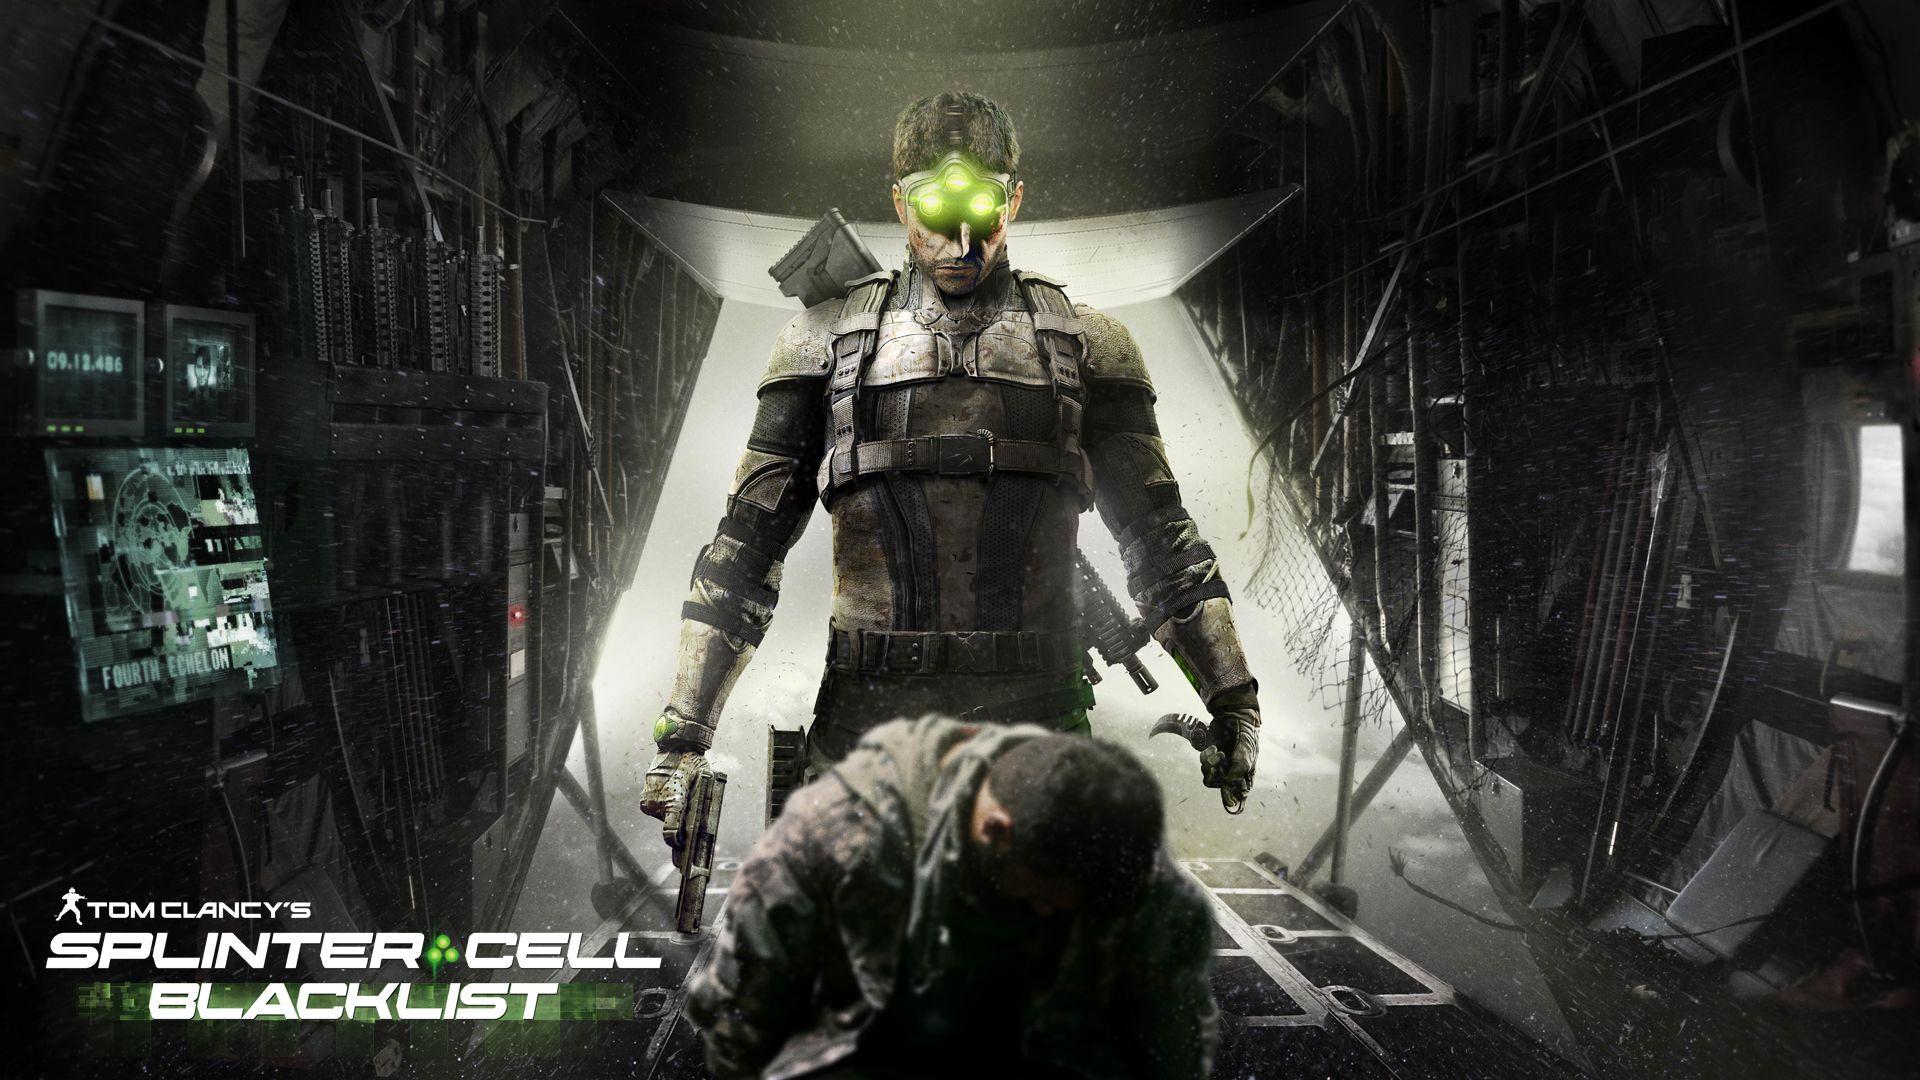 Splinter Cell Blacklist Wallpaper Hd 31470 Jeux Video Nouveaux